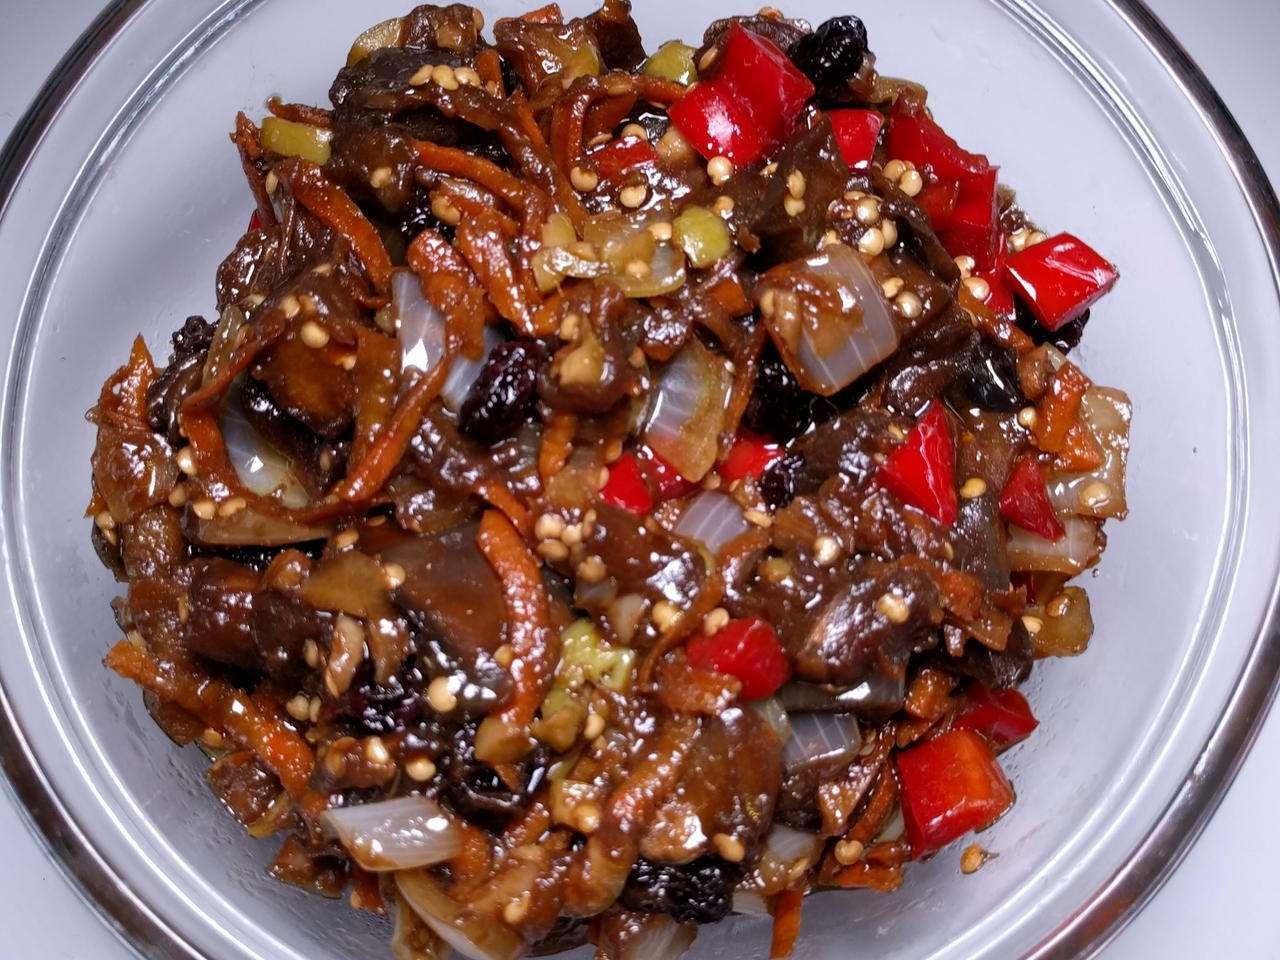 Receita de Antepasto de berinjela com pimentões em vinha d'alhos